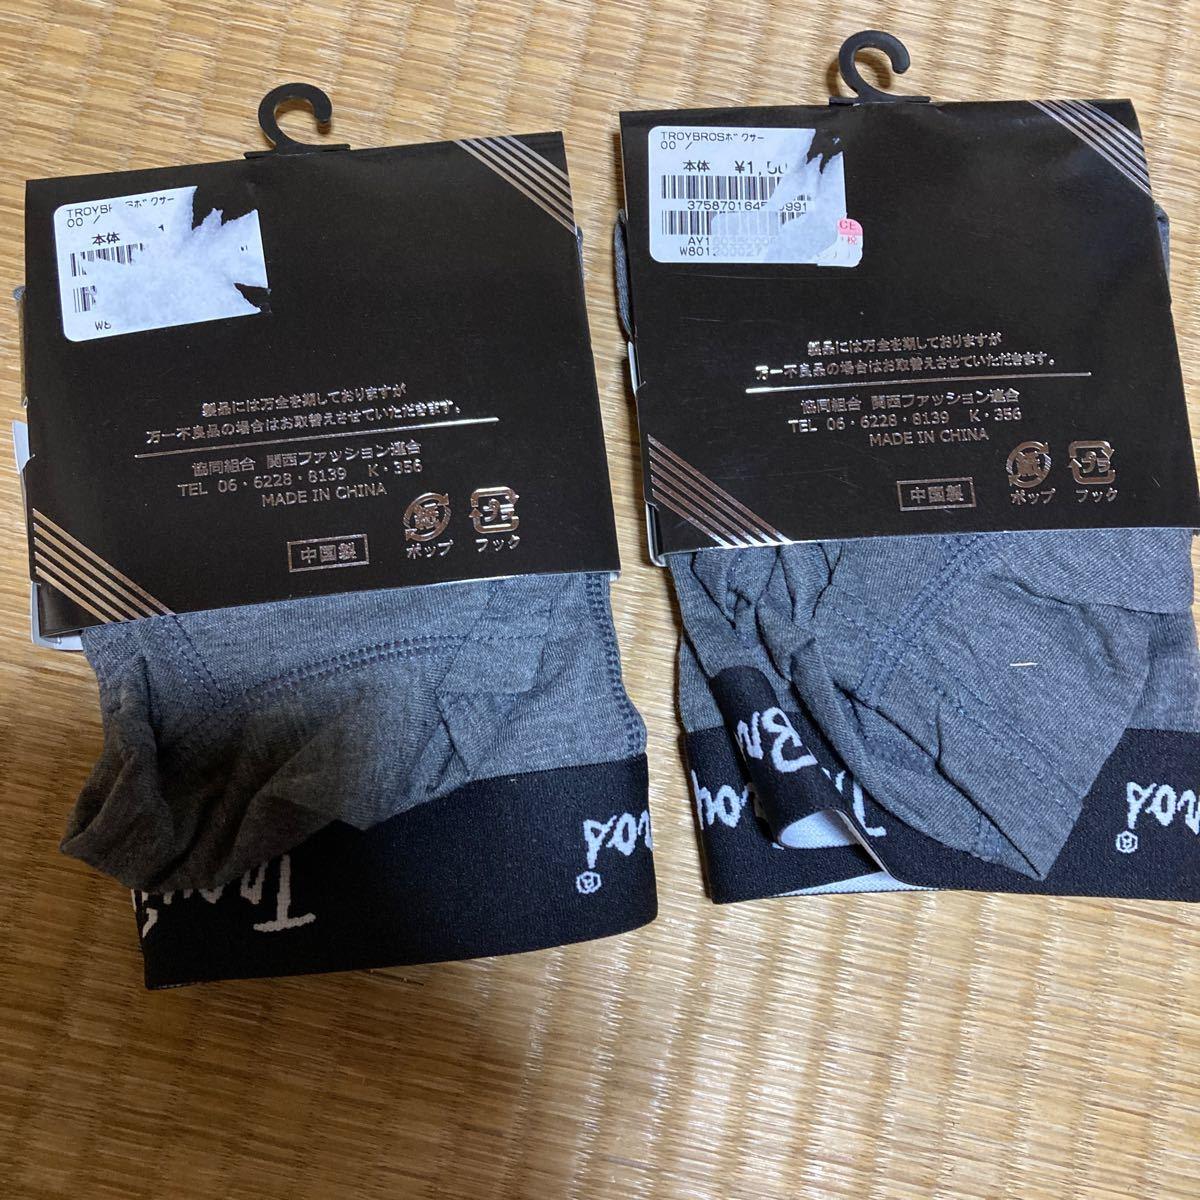 ボクサーパンツ ボクサーブリーフ 前開き Troy Bros Mサイズ 灰色 グレー 2枚